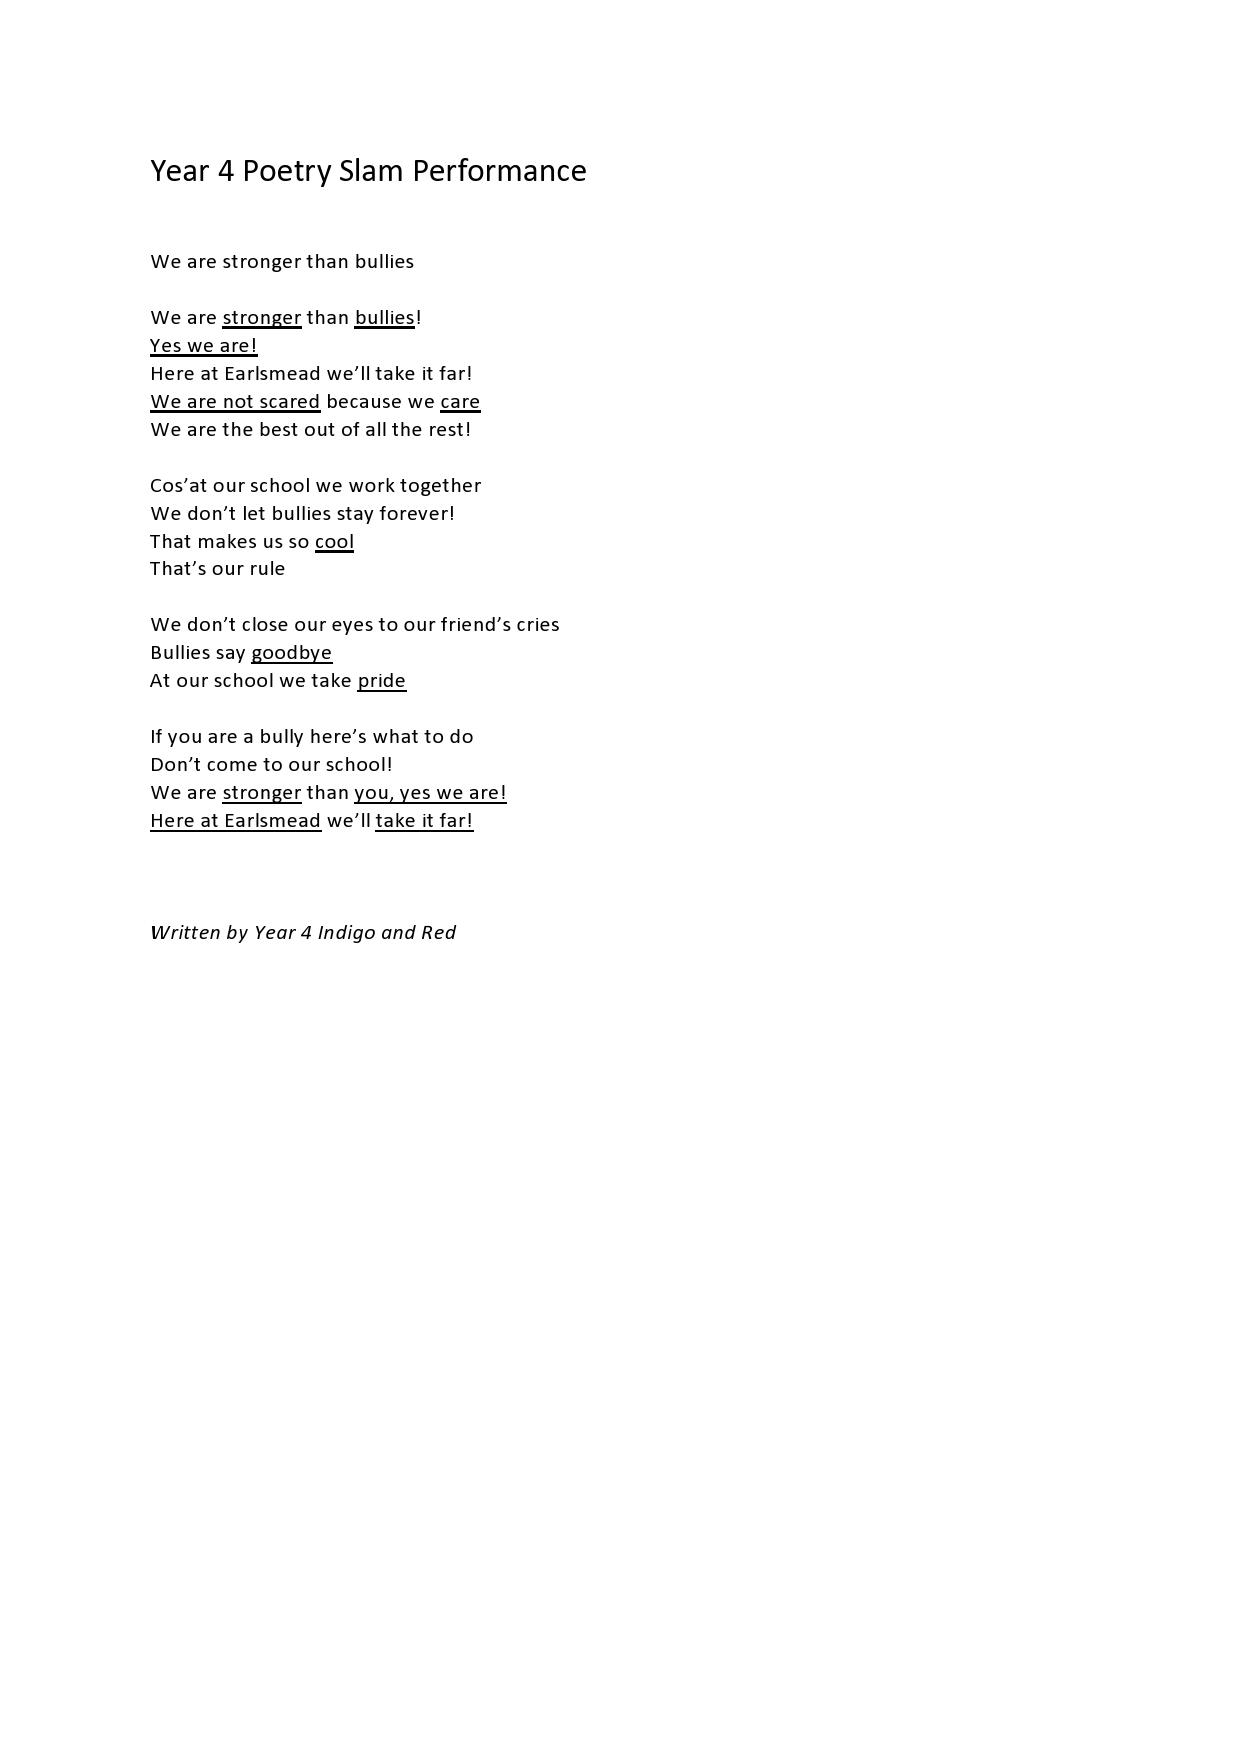 Year 4 Poetry Slam Performance-page0001.jpg